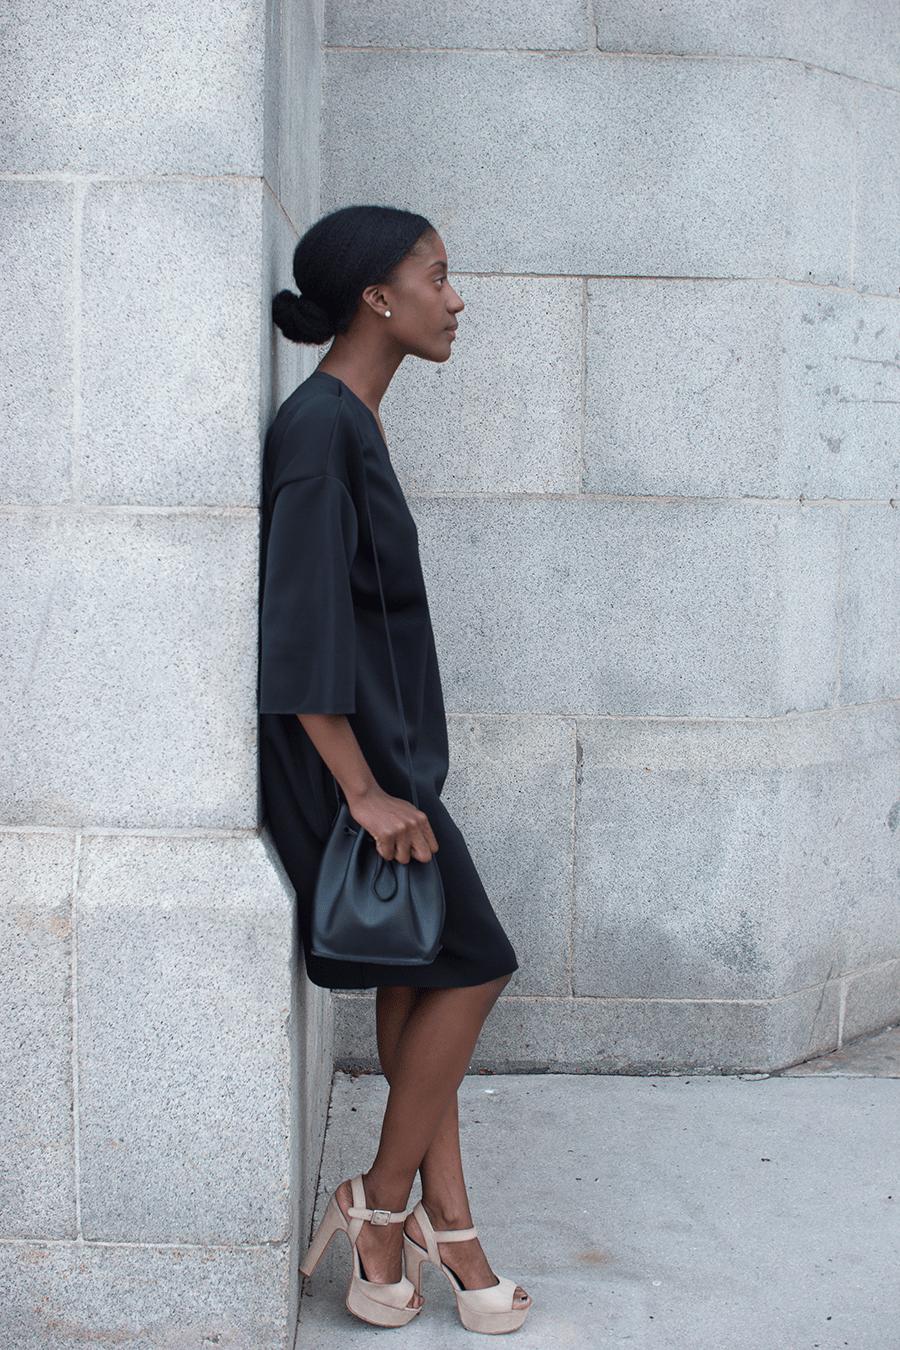 558db7ffb3 Zara T-shirt Dress - Kouturekitten Fashion BlogKouturekitten Fashion ...